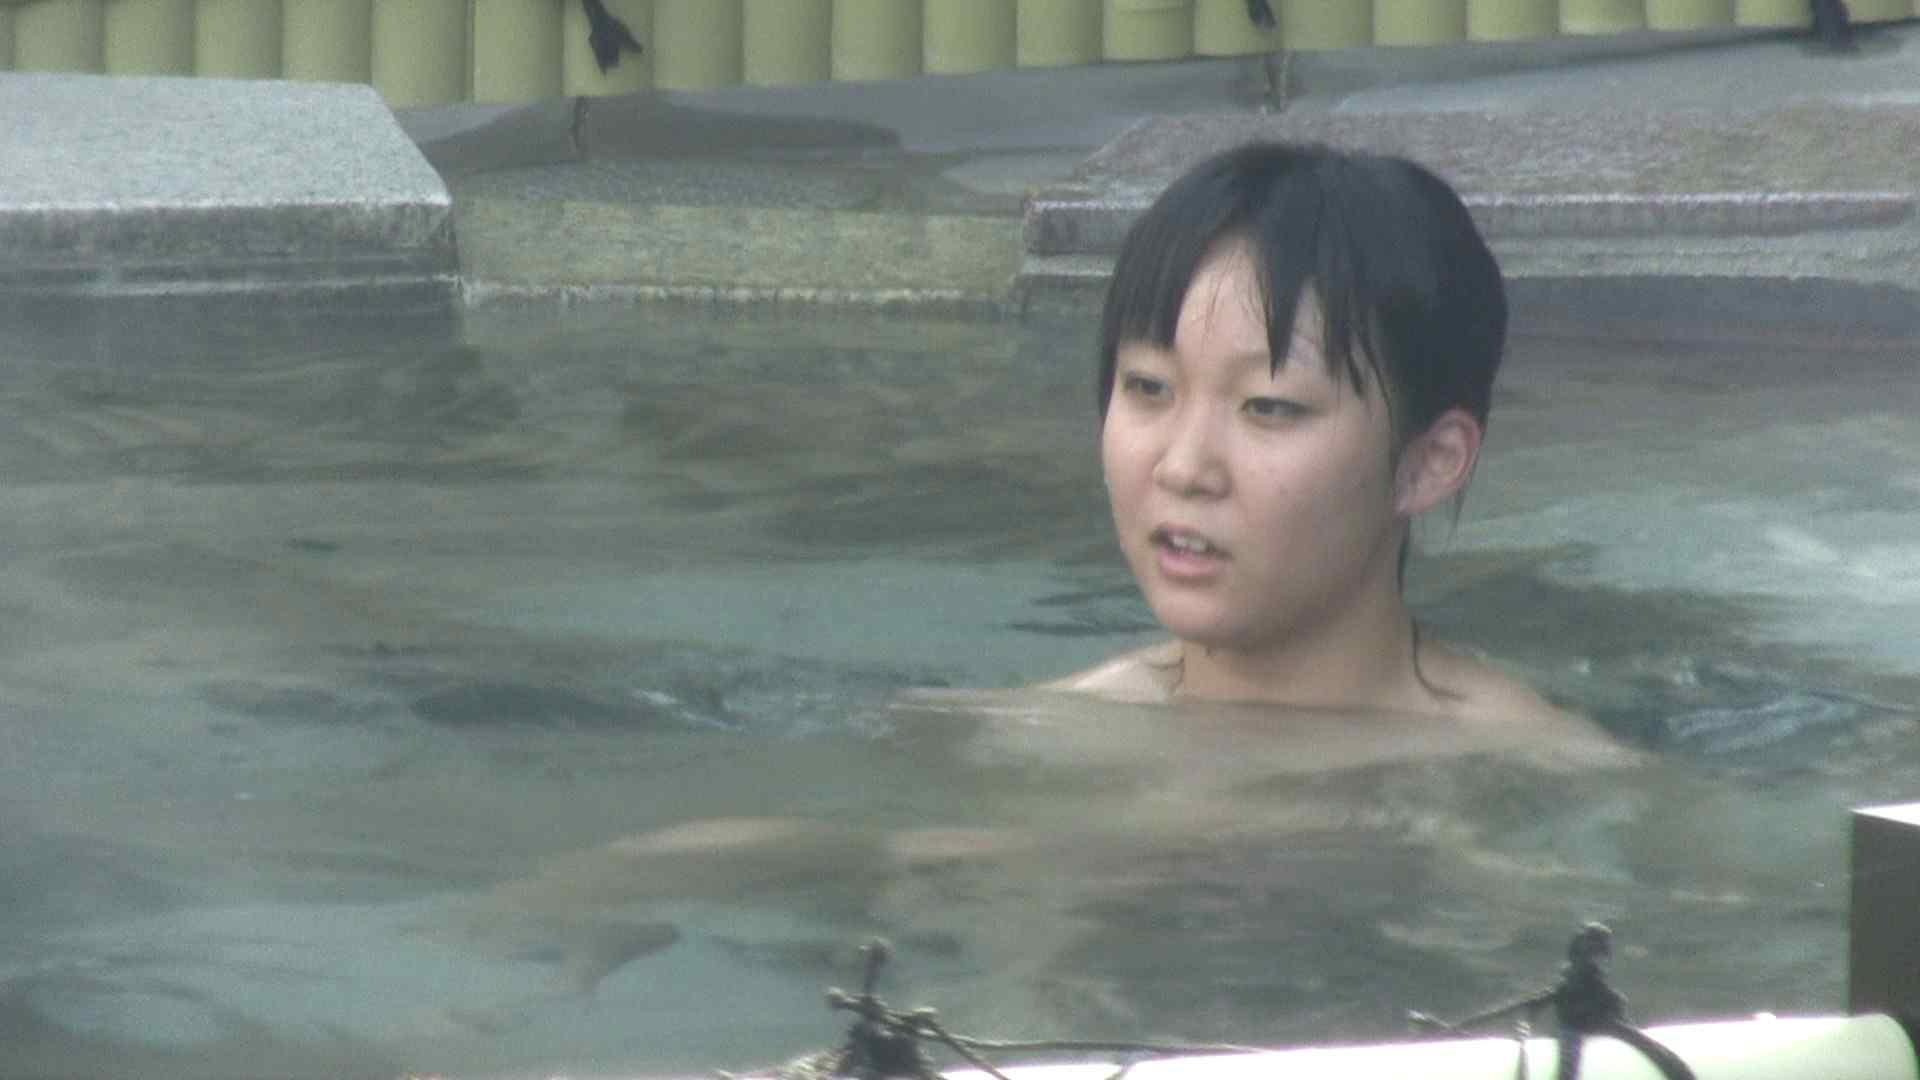 Aquaな露天風呂Vol.196 露天 | 盗撮  61連発 16